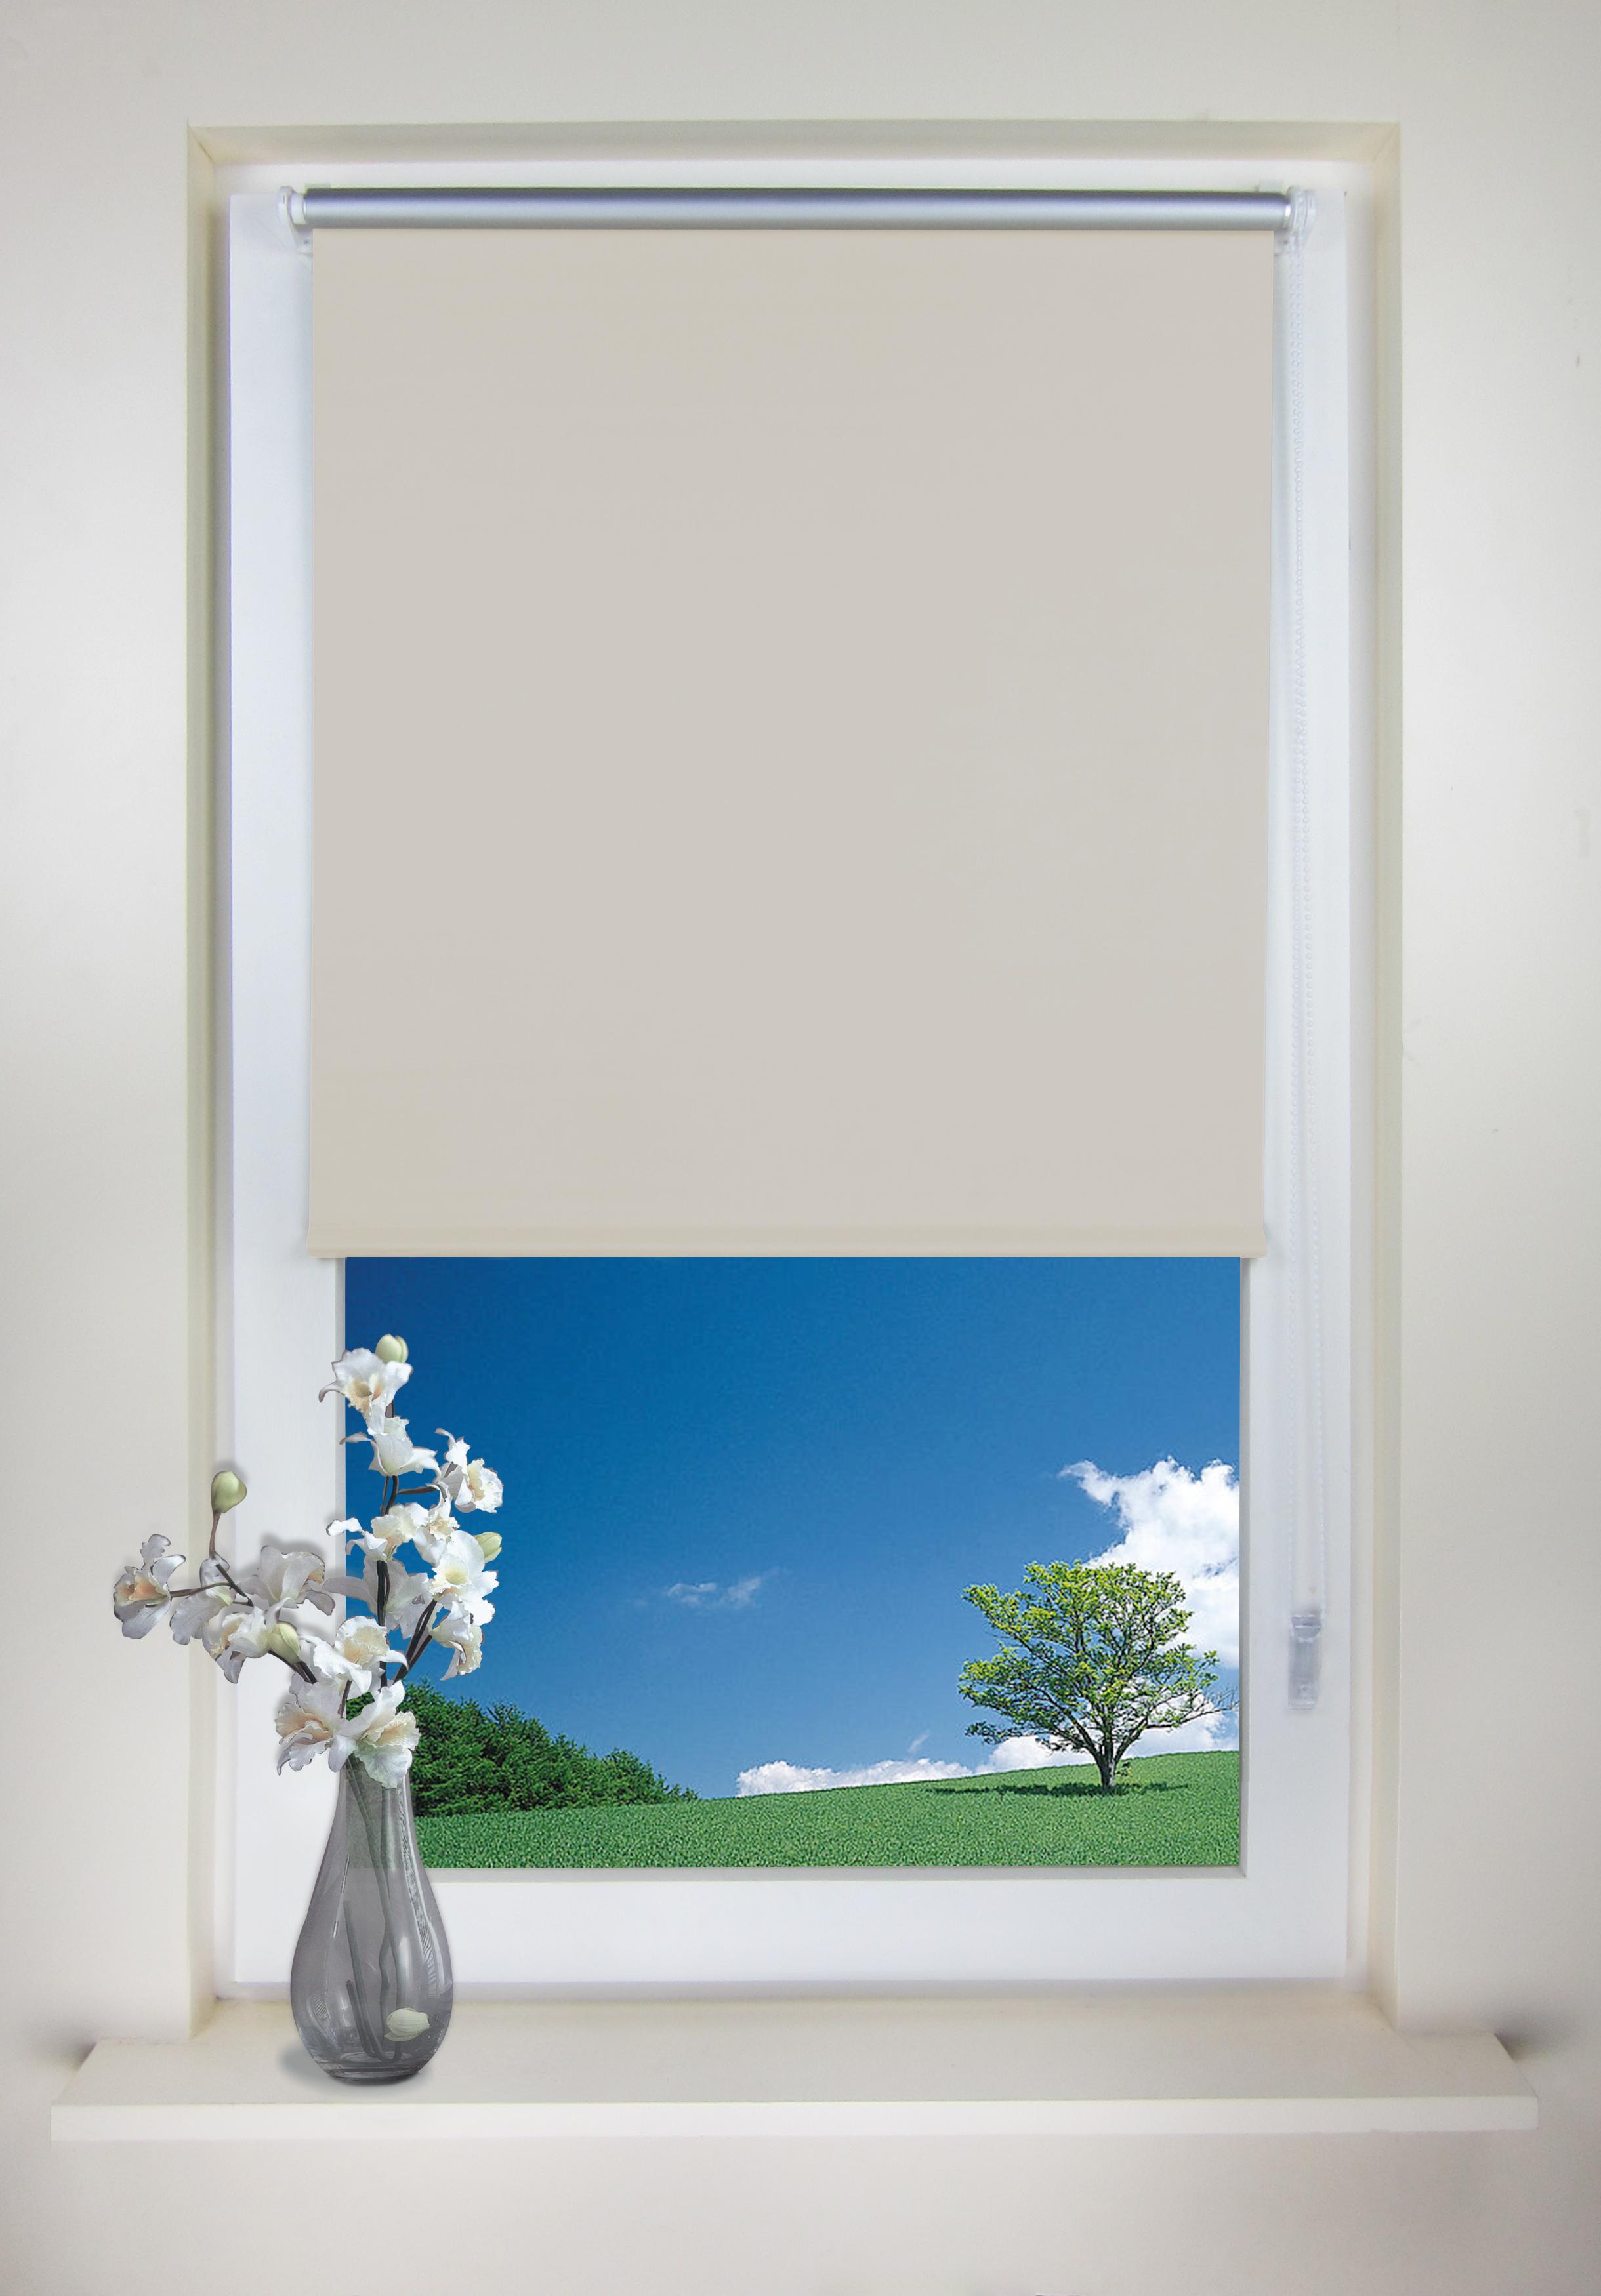 2 54 M Pvc Sichtschutz Streifen Doppelstabmatten Zaun Folie